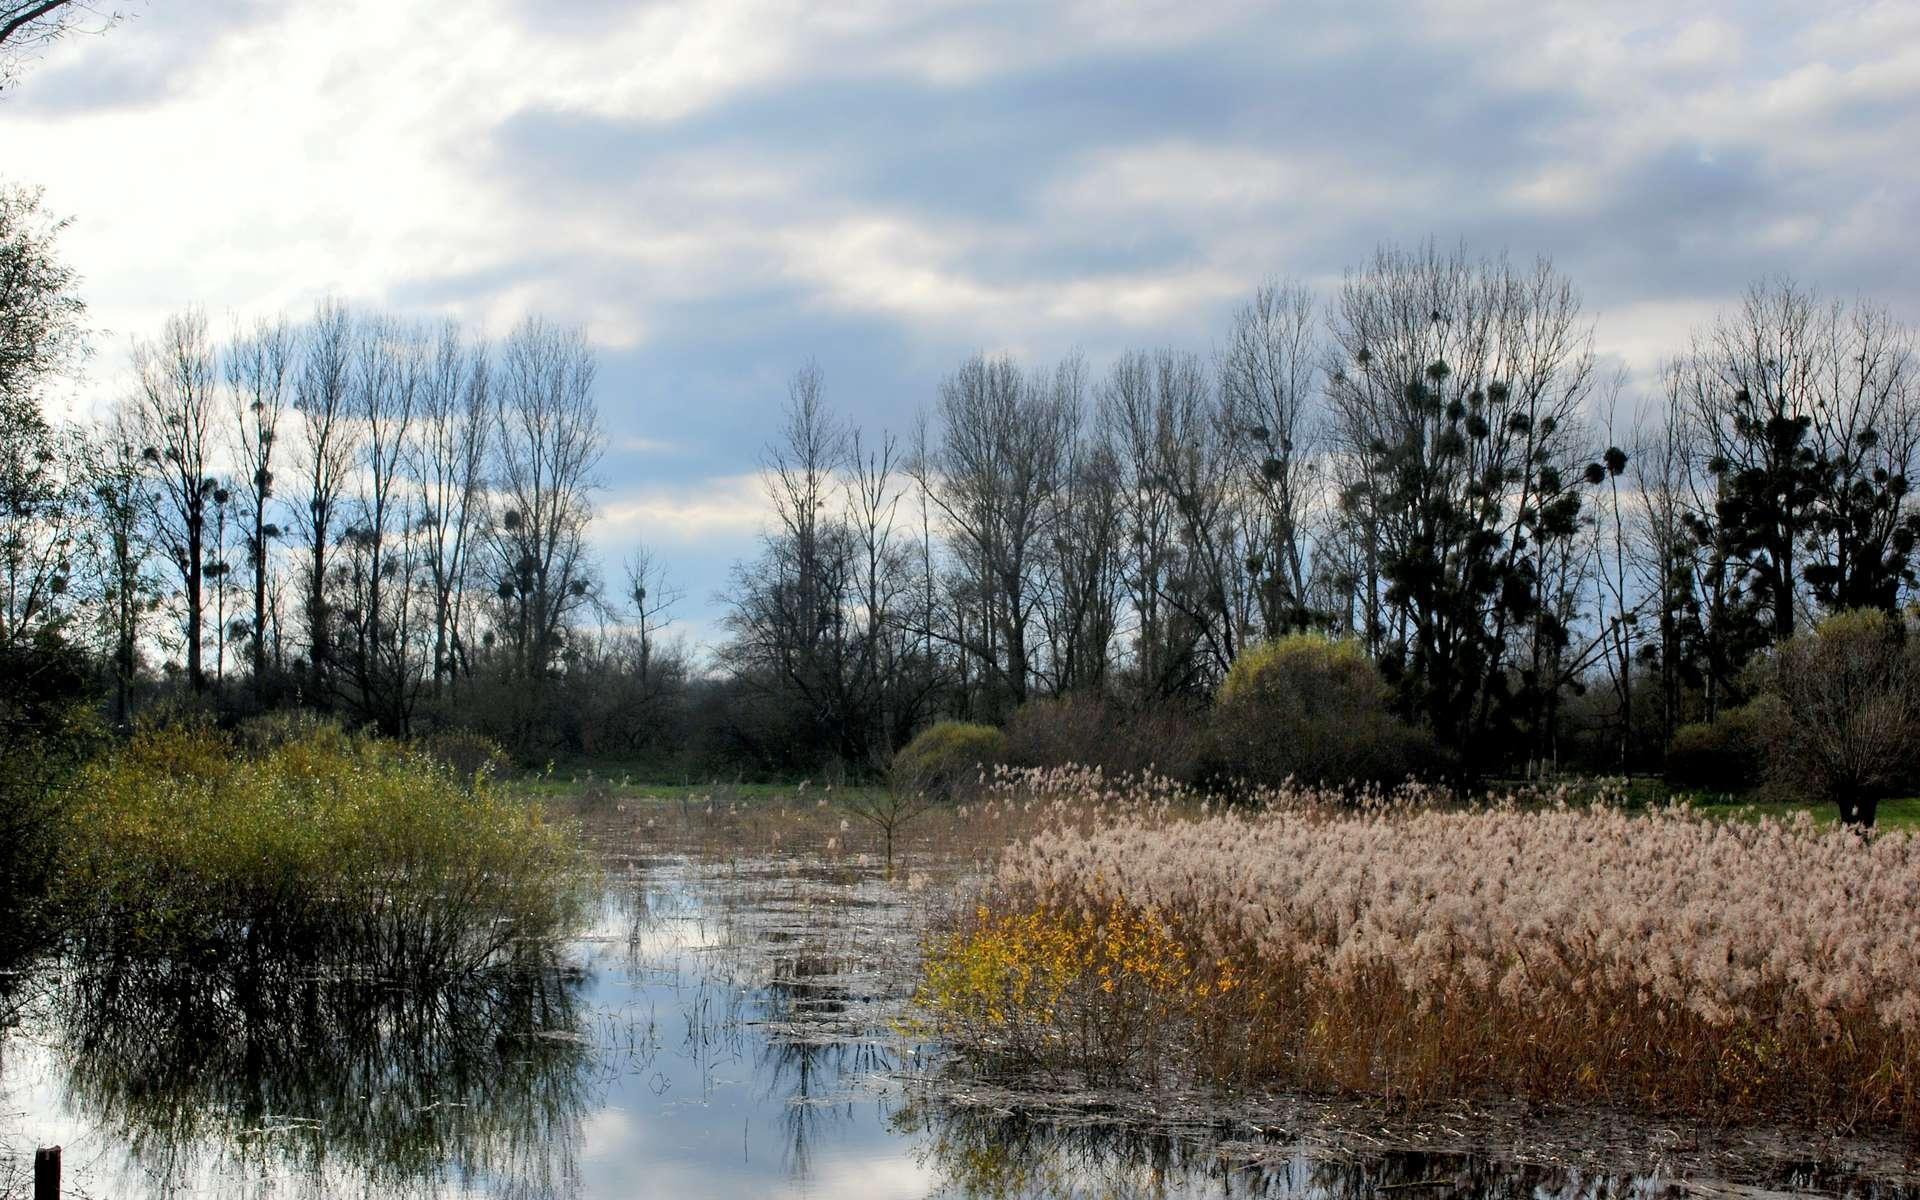 Réserve naturelle de l'île du Girard (Jura): la roselière depuis la digue. © Dole Environnement, Wikimedia Commons, CC by-sa 3.0